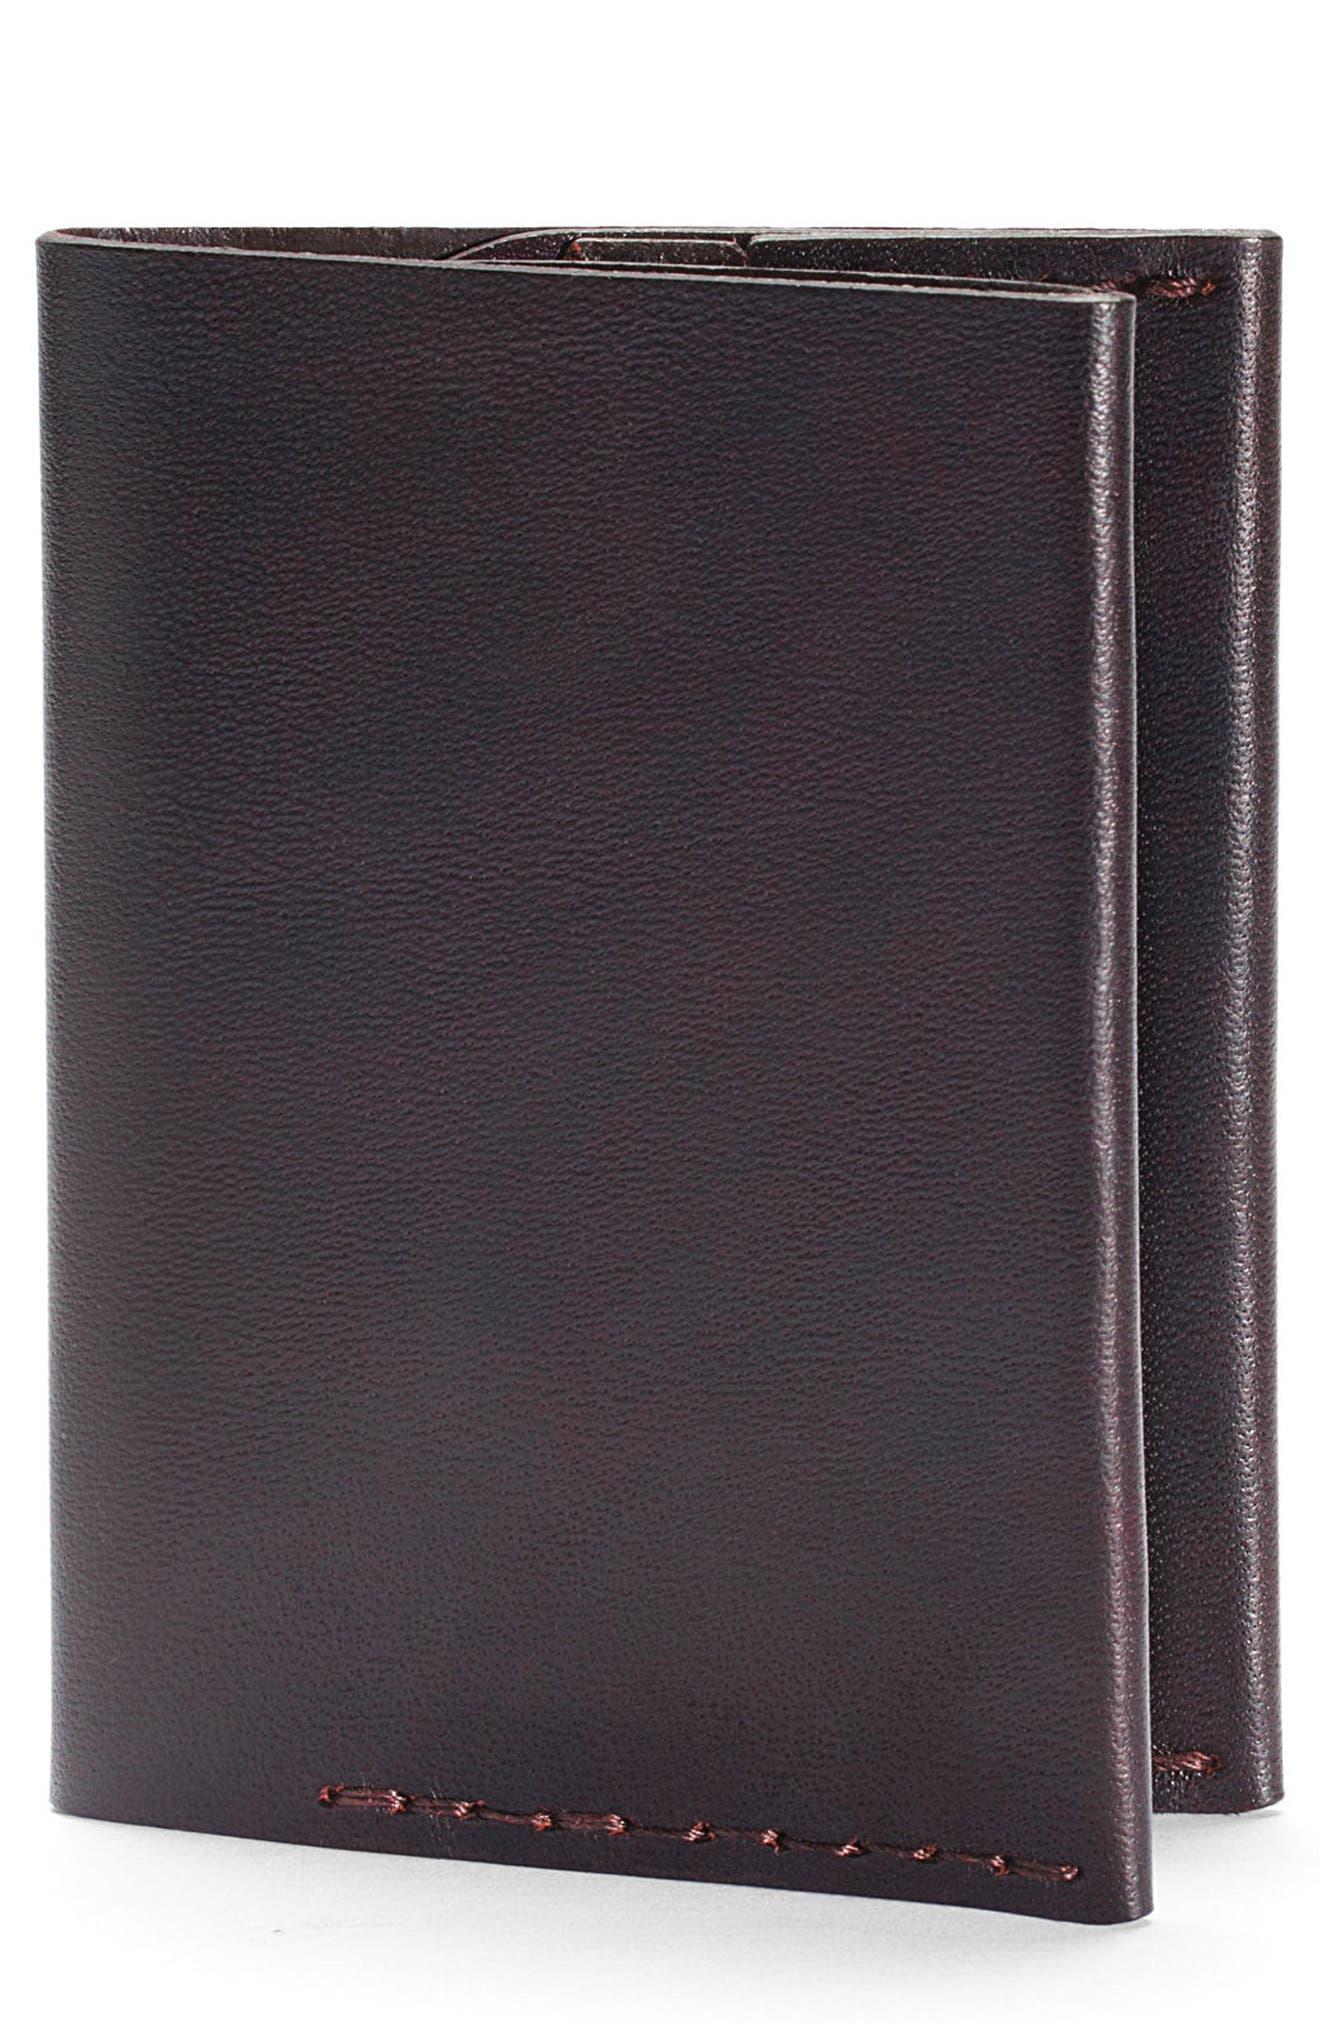 No. 4 Leather Wallet,                         Main,                         color, MALBEC